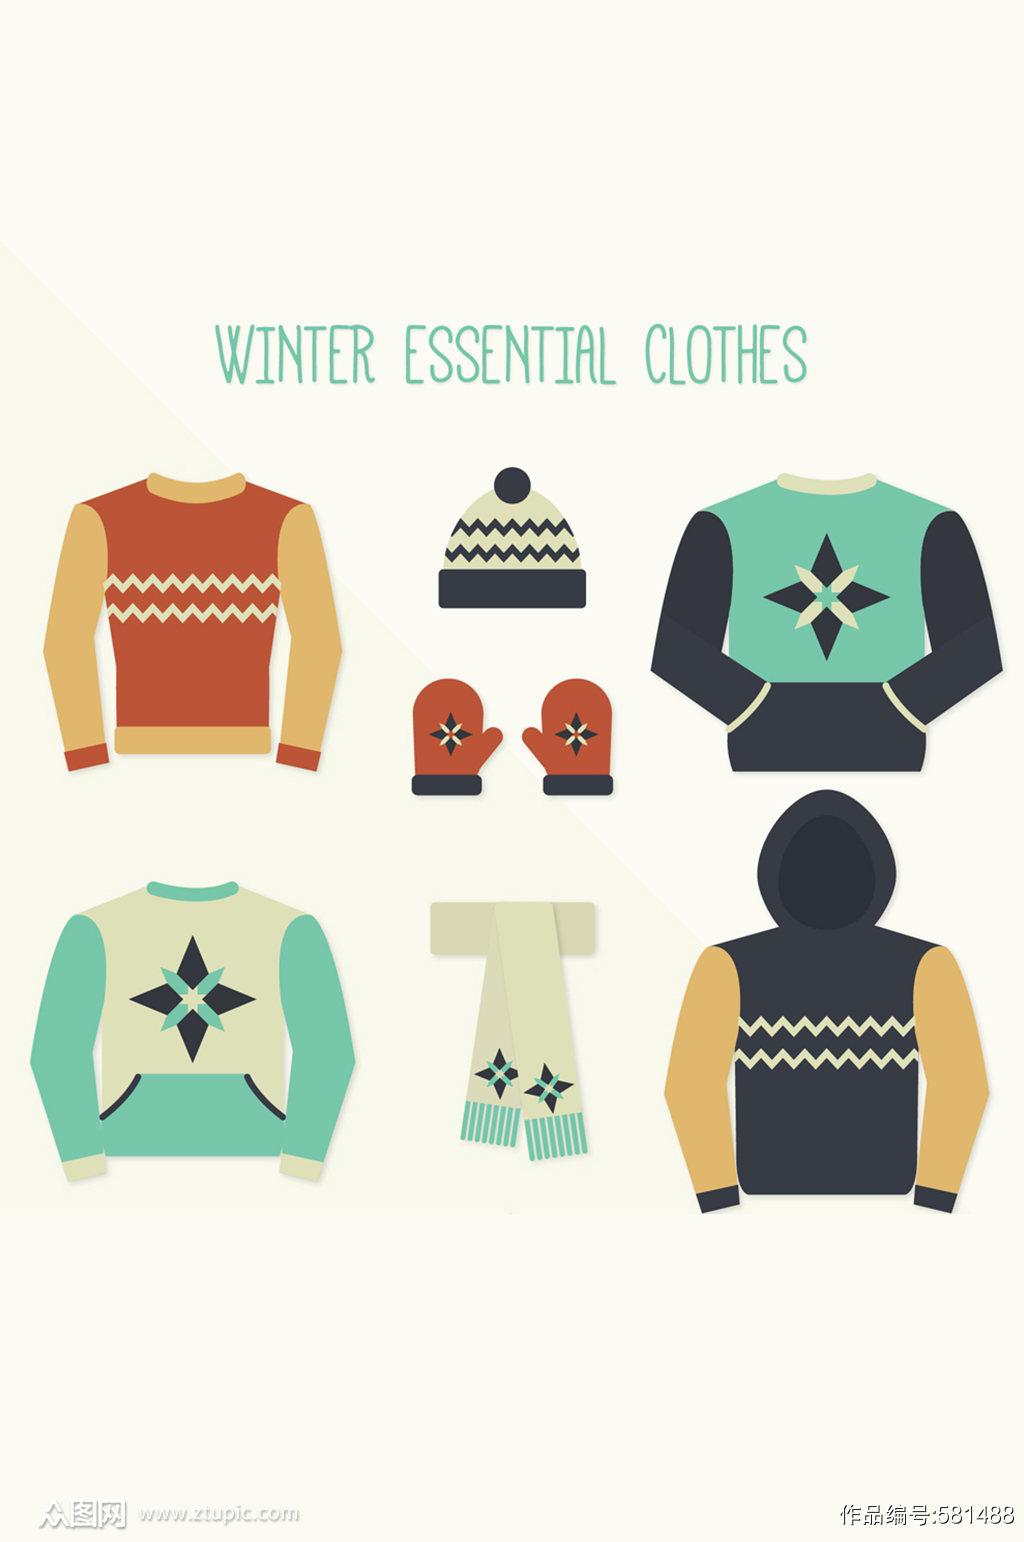 7款扁平化冬季男士服饰矢量图素材